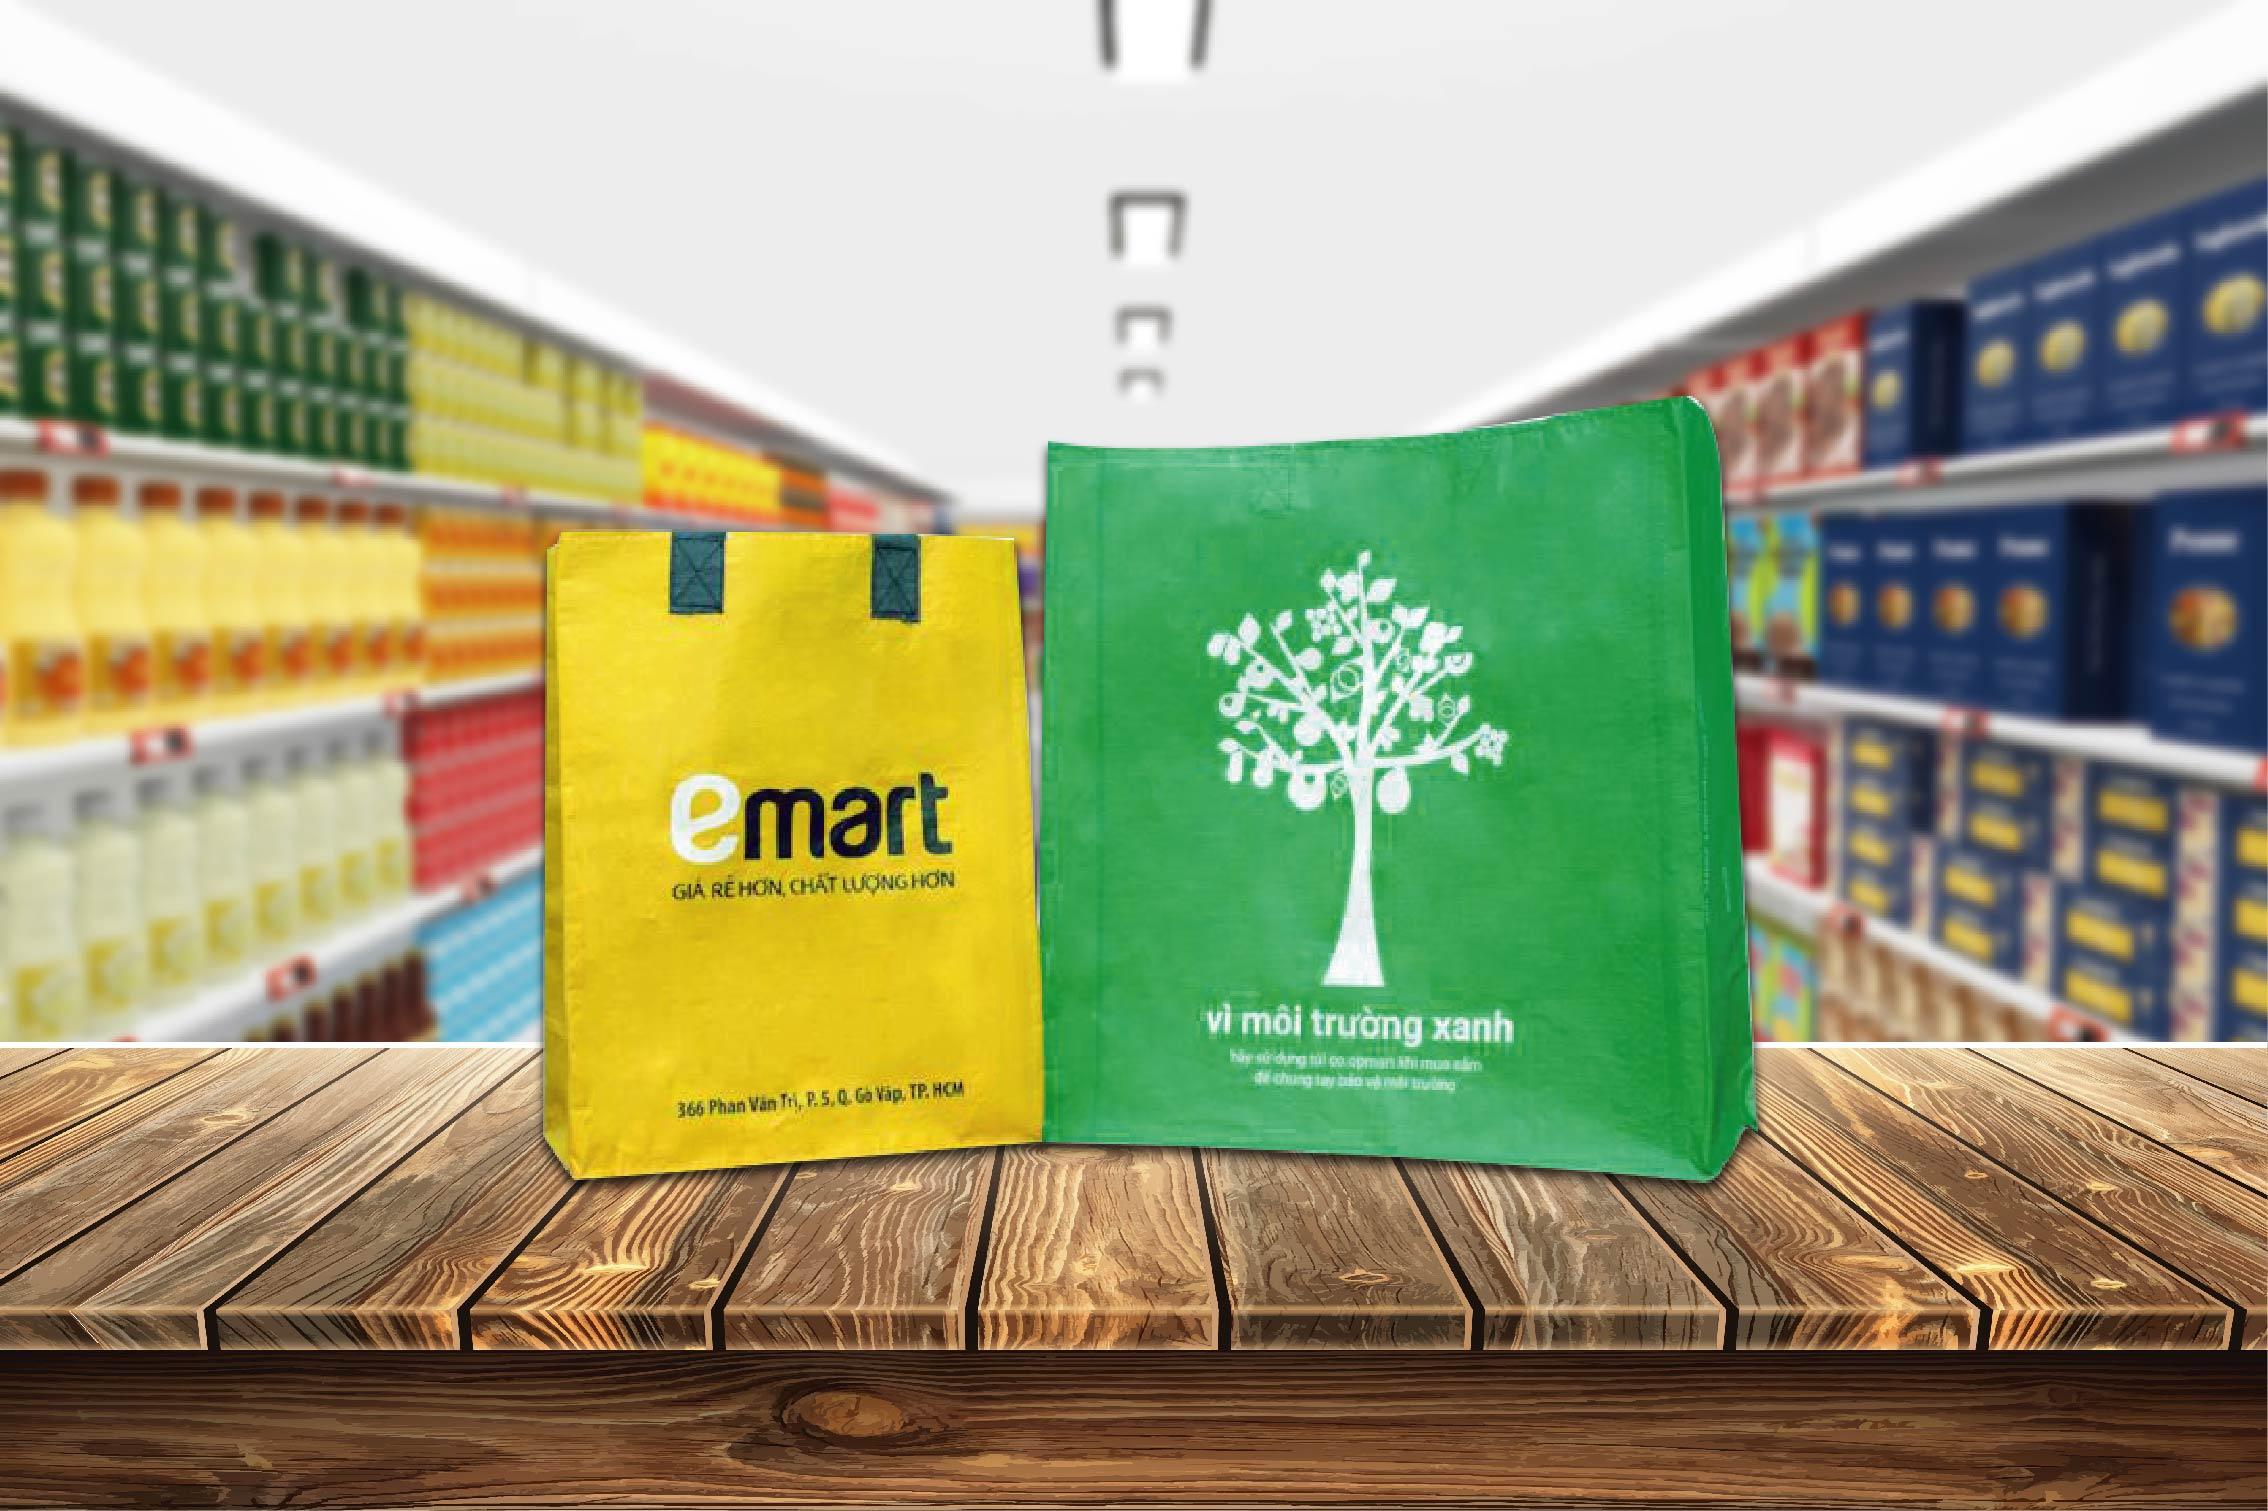 túi siêu thị coopmart emart